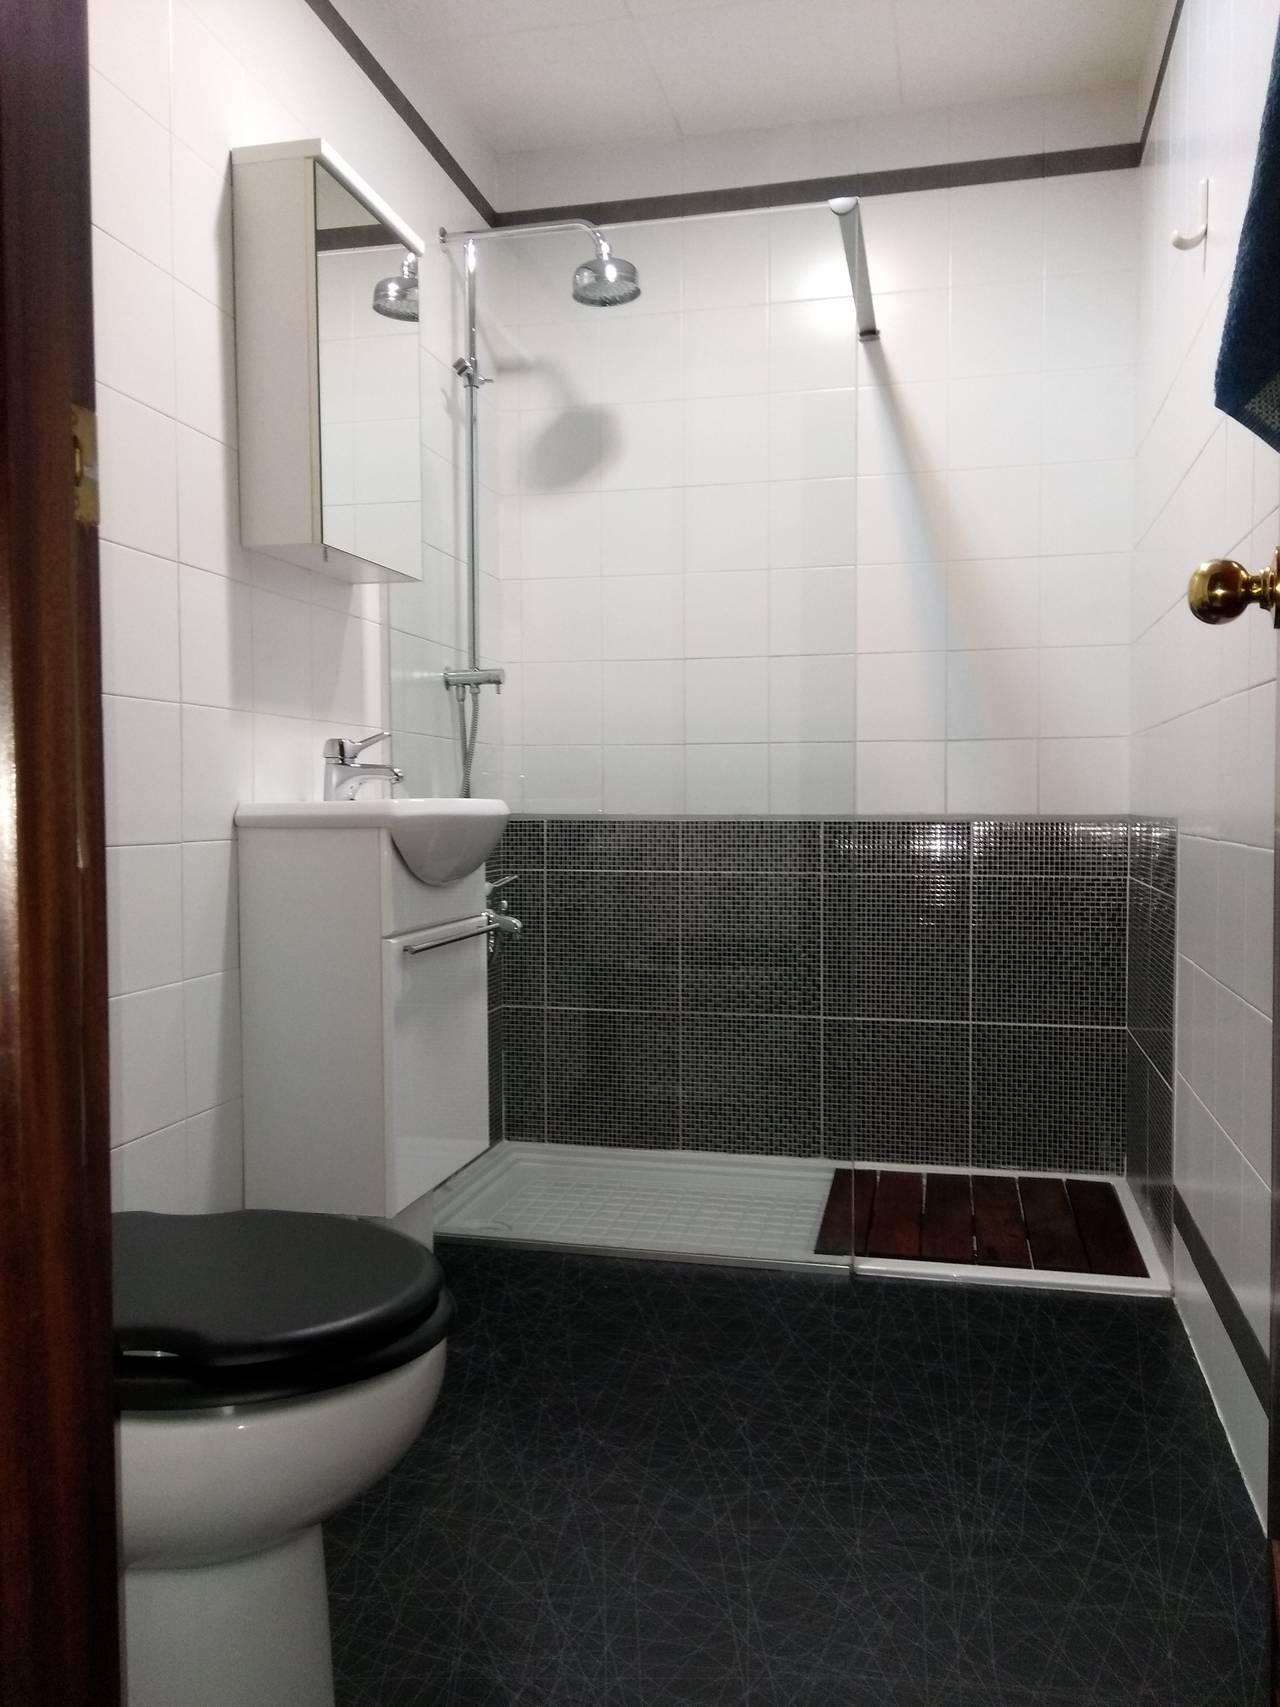 Habitación con baño propio.  - Foto 4